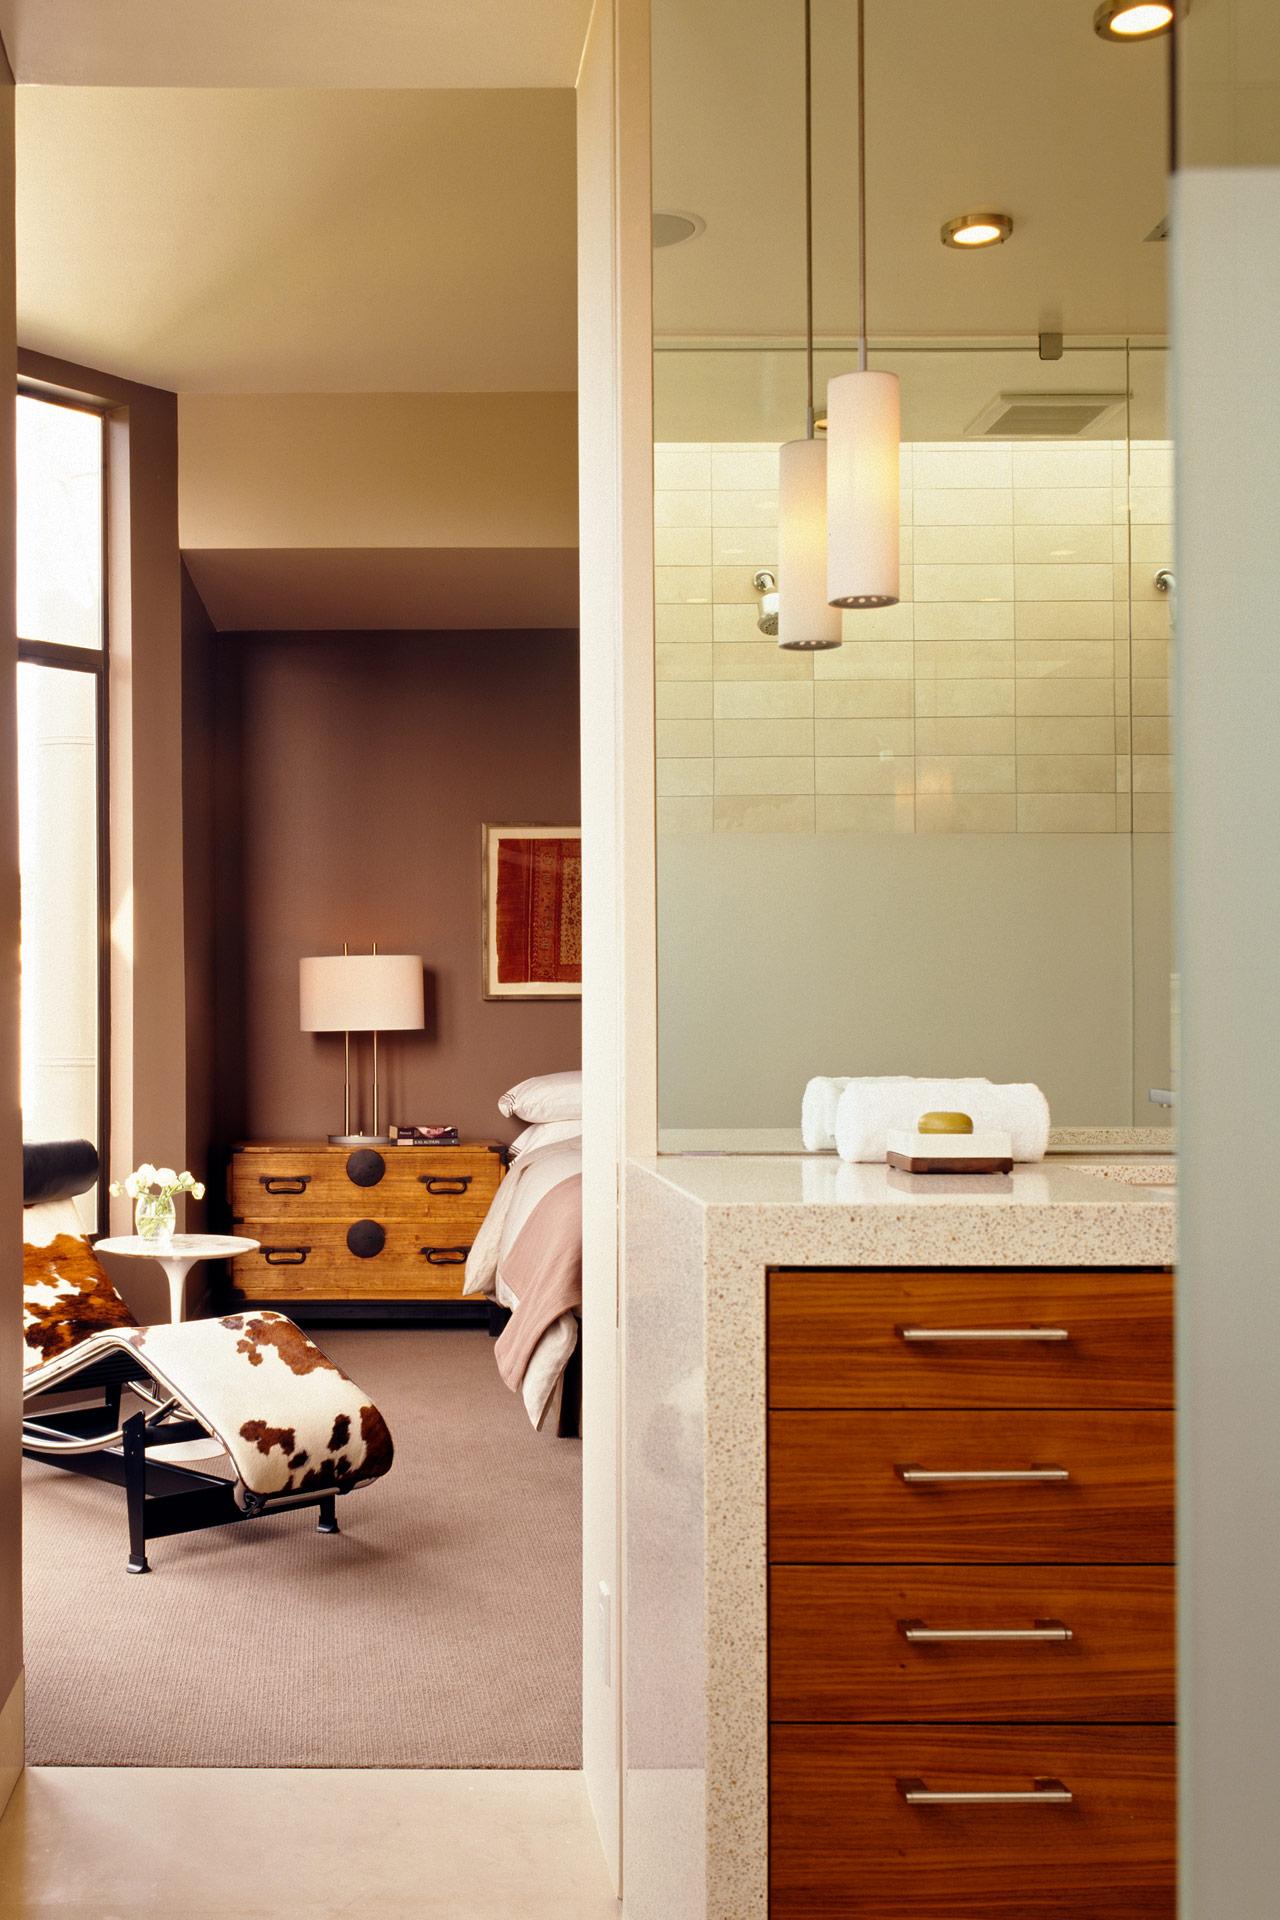 Lake Street Residence interiors